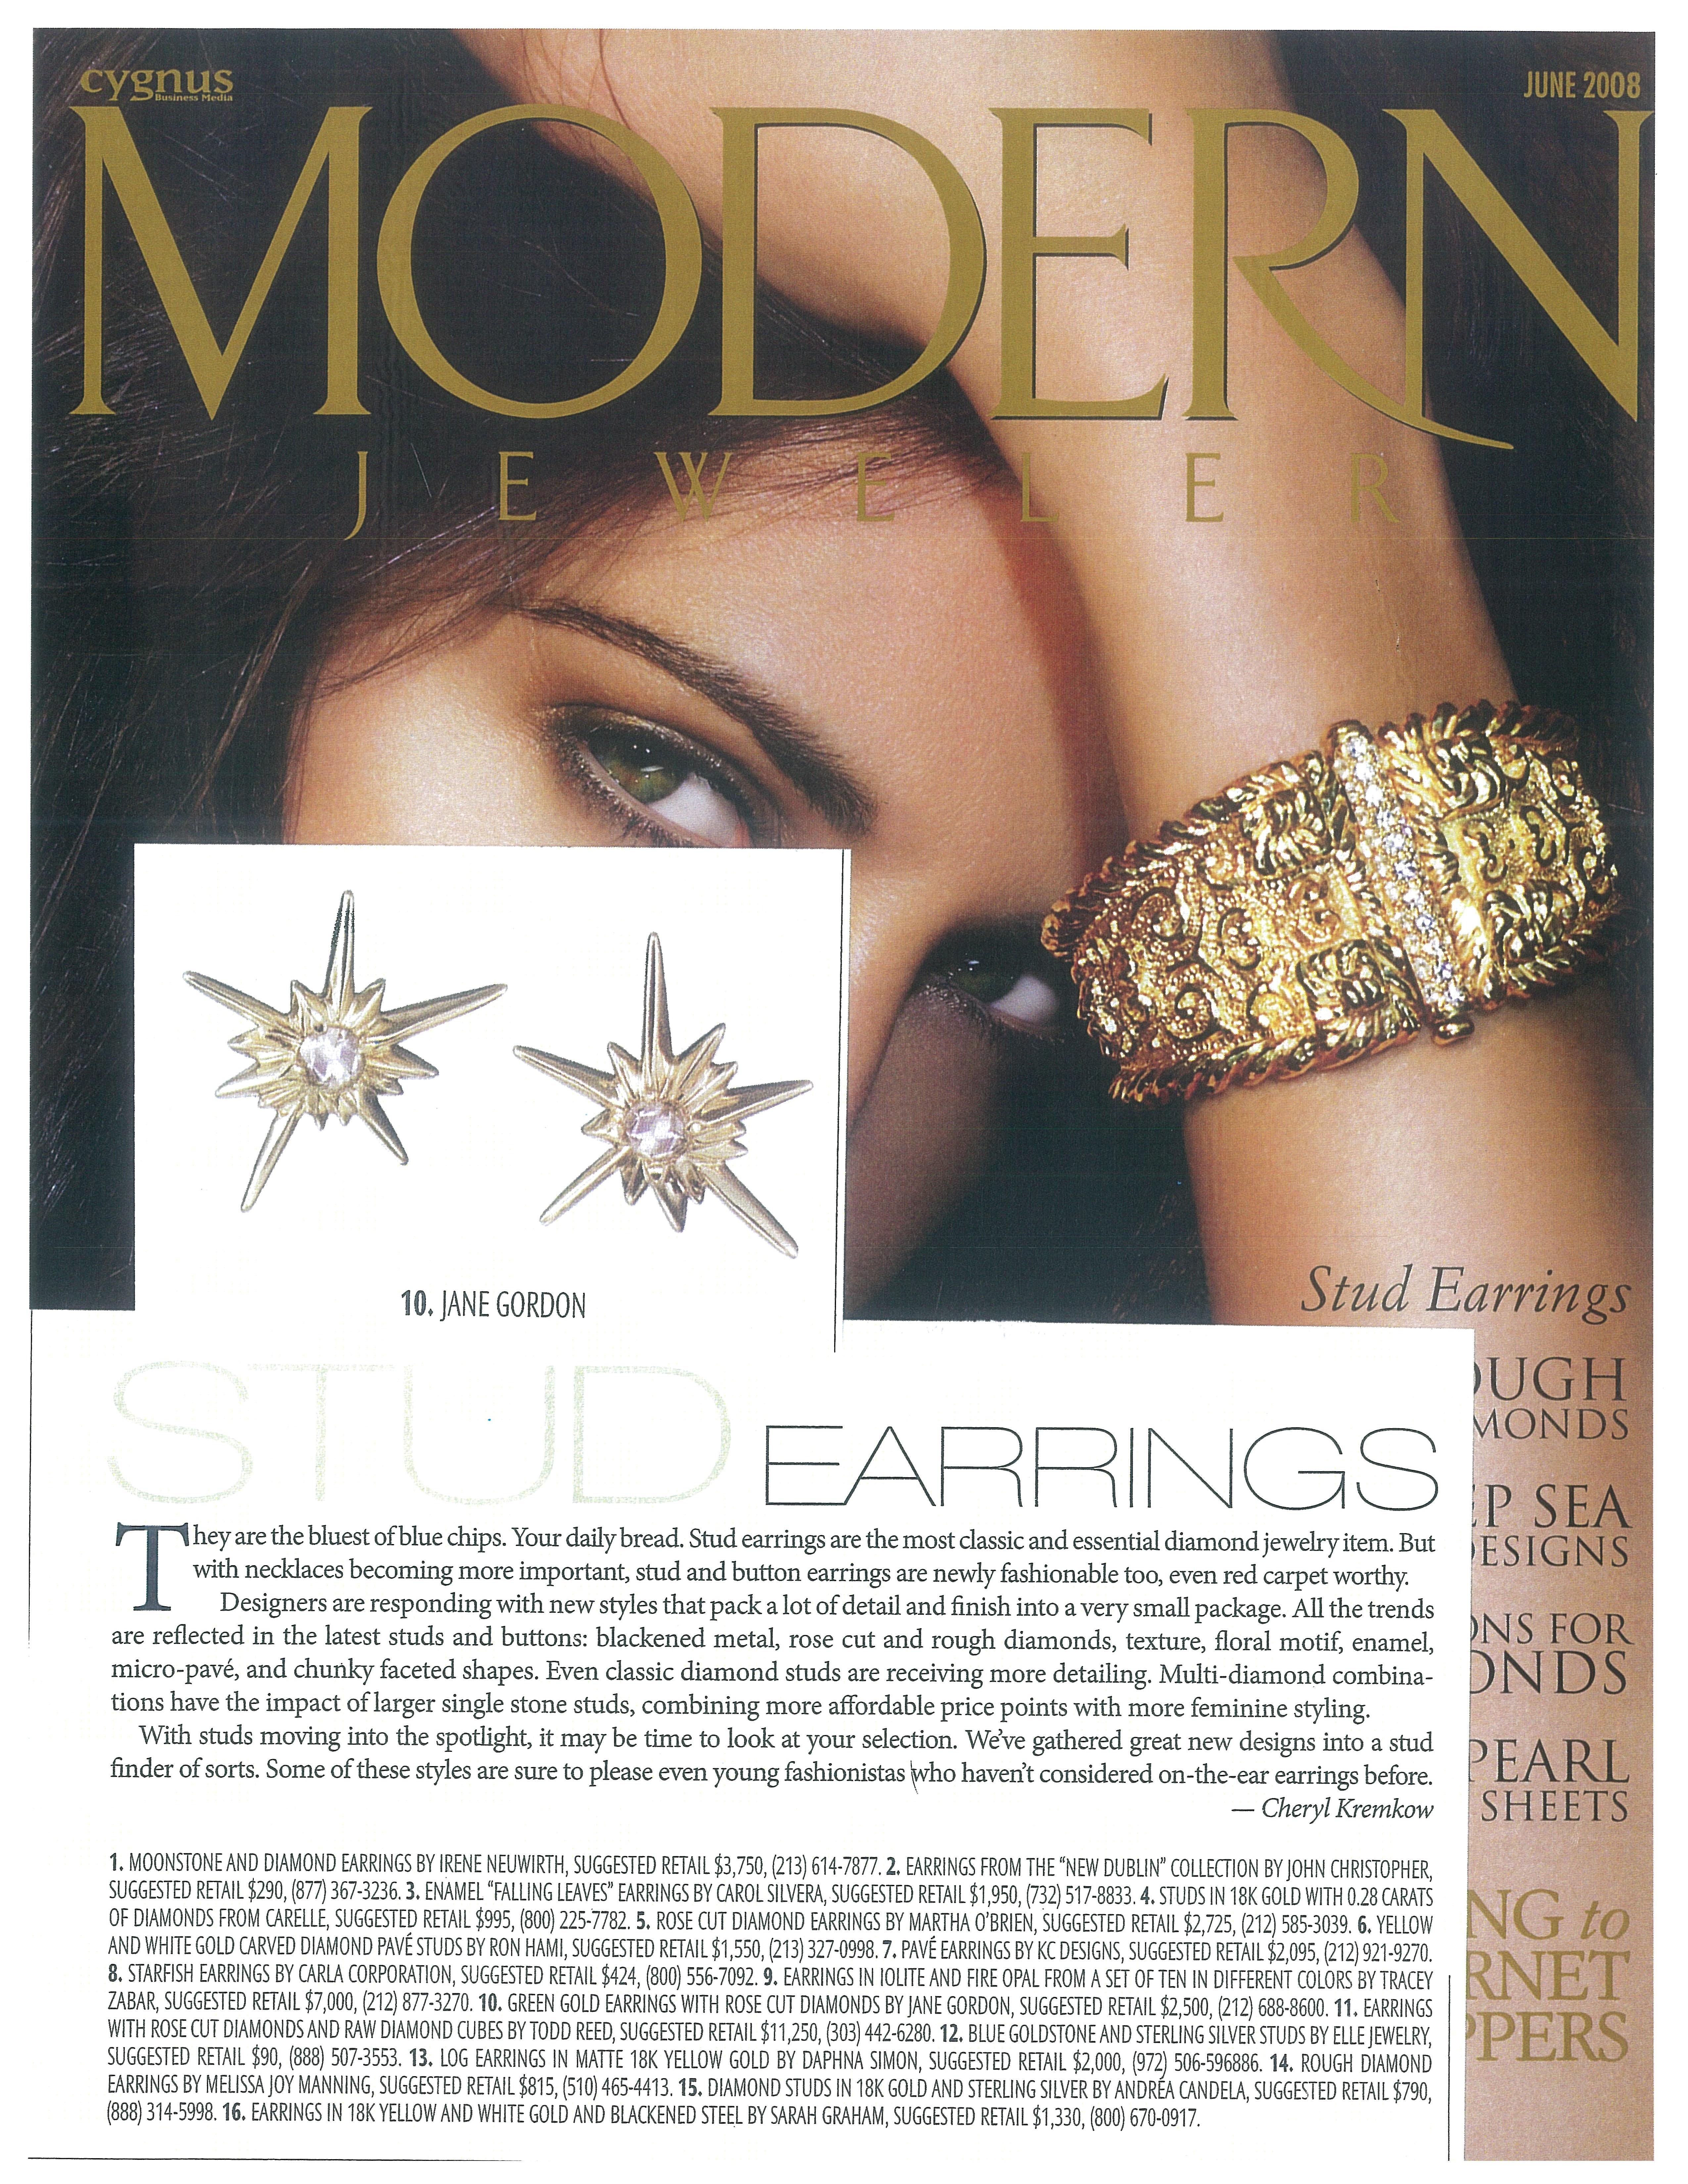 modern-jewelry-star-earrings-by-jane-a-gordon-on-janegordon-com.jpg